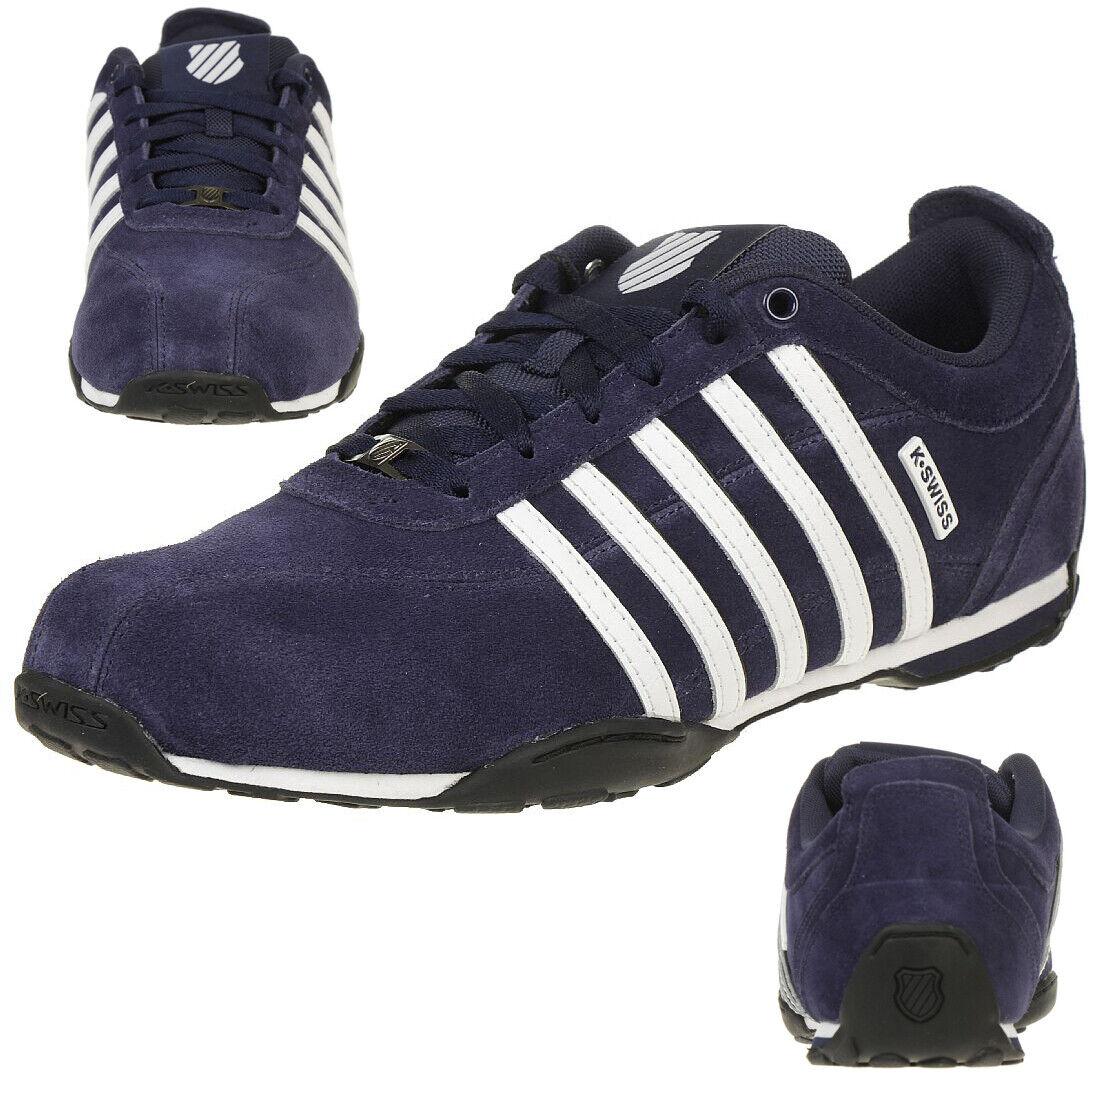 K-Swiss arvee 1.5 zapatos zapatillas azul 02453-442-m